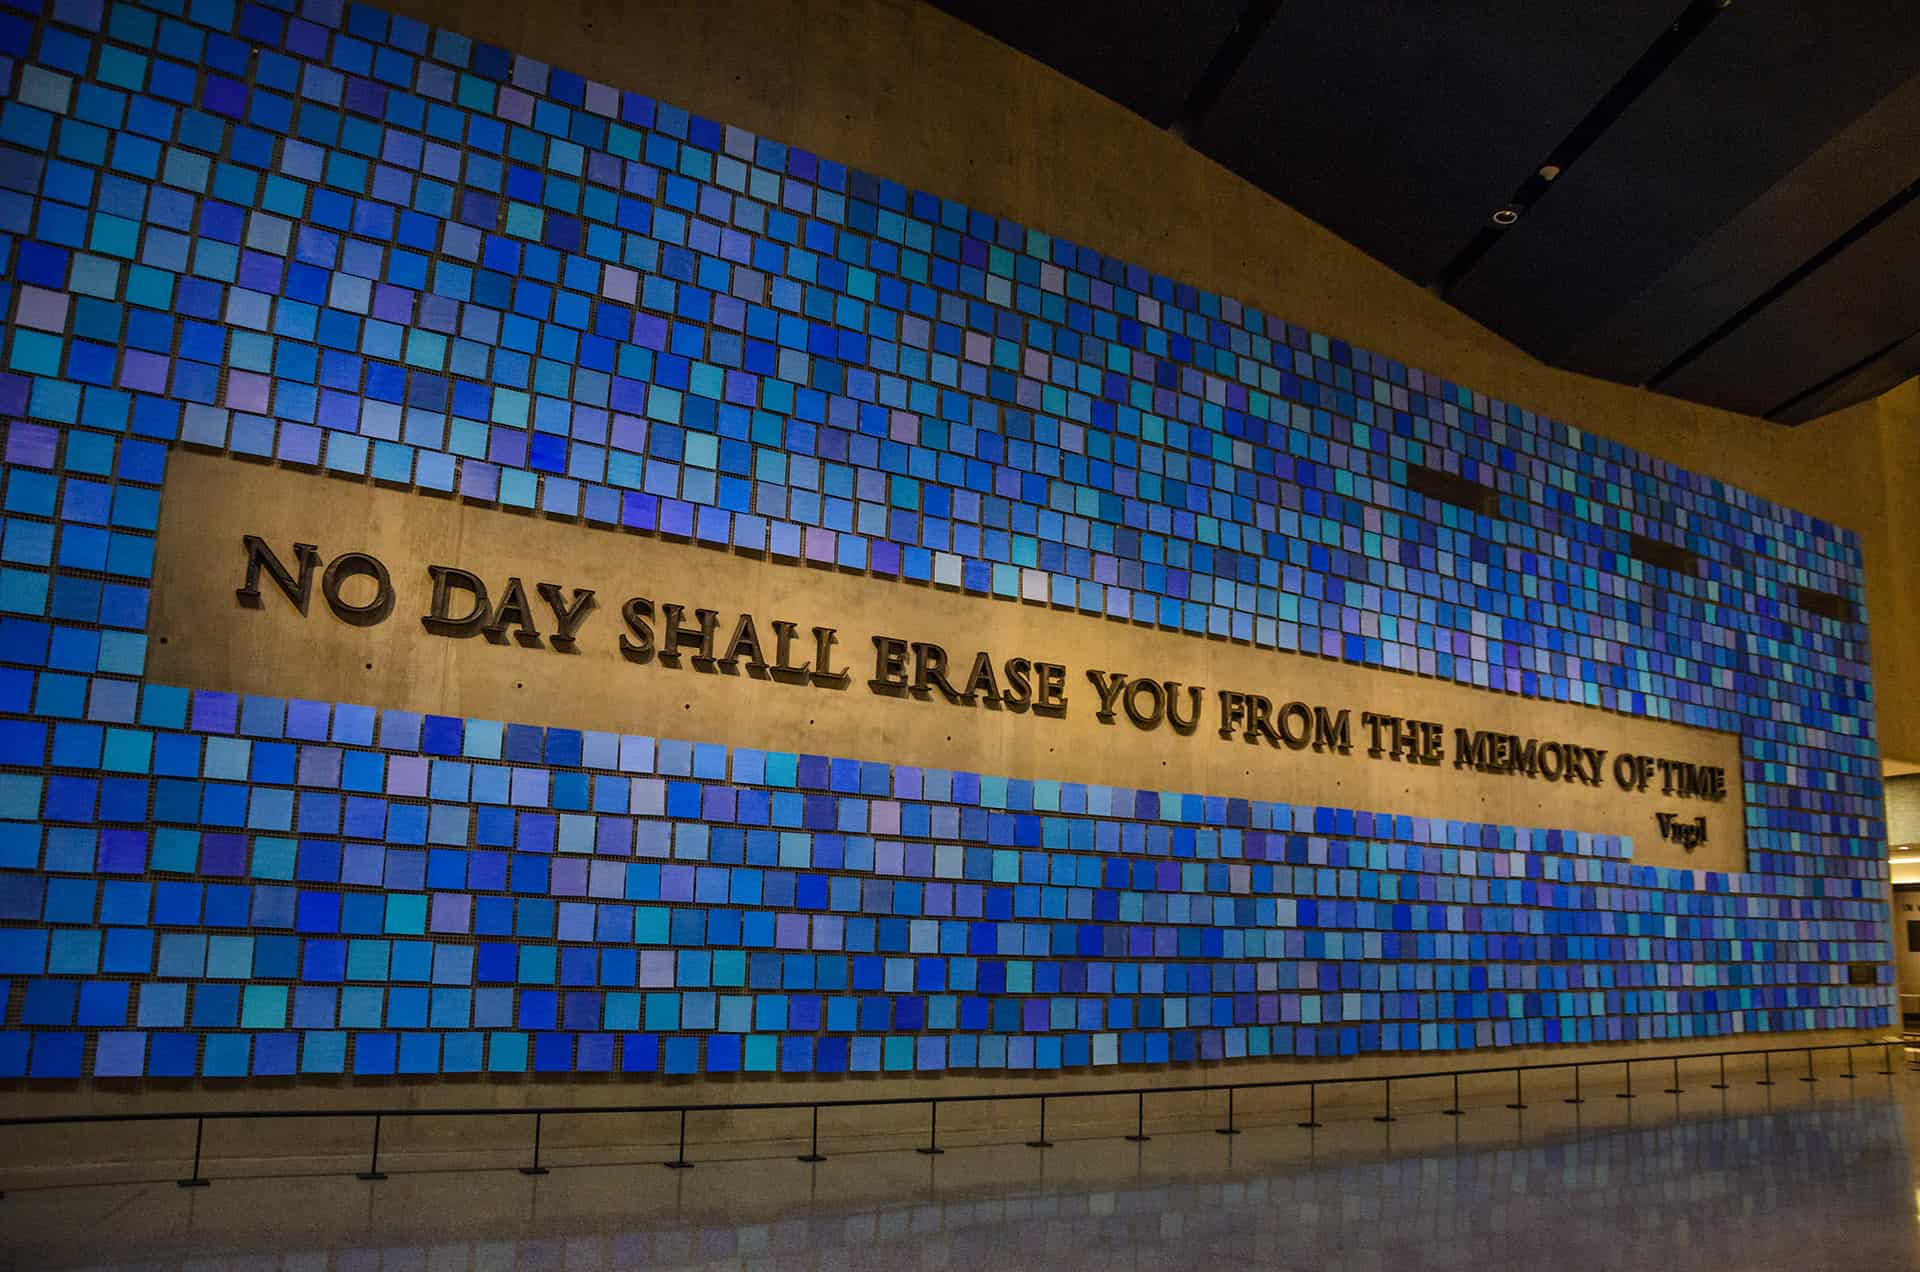 visiter le musee du 11 septembre